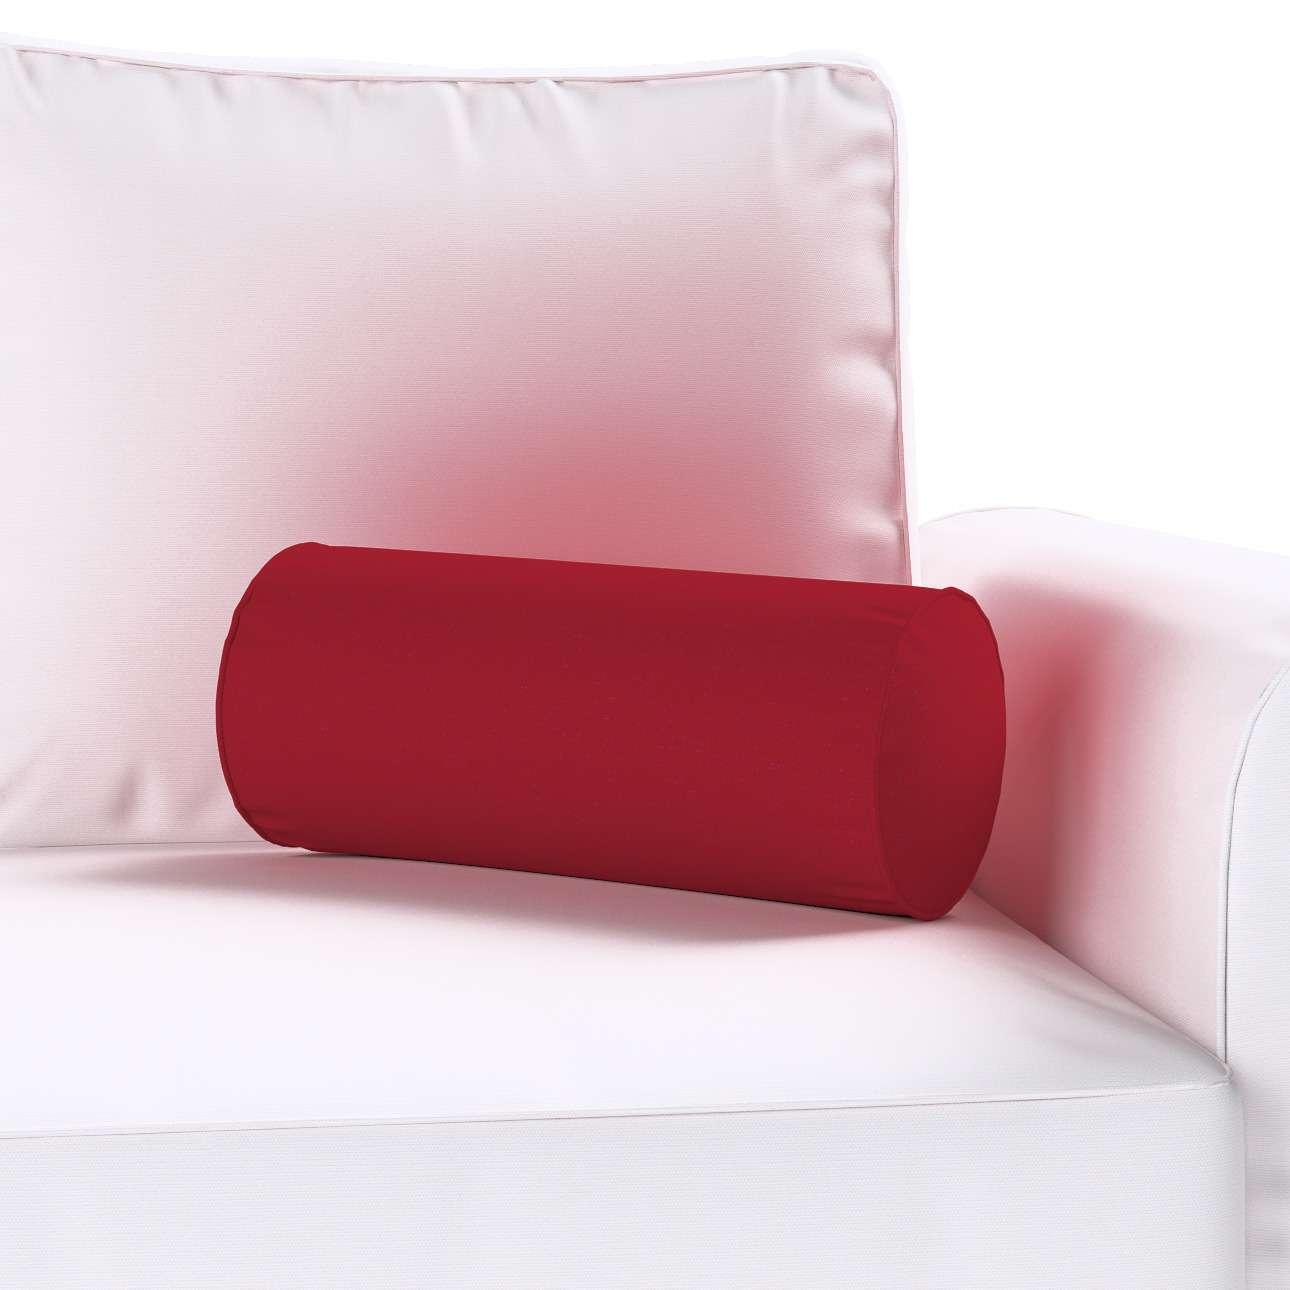 Ritinio formos  pagalvėlė Ø 16 x 40 cm (6 x 16 inch) kolekcijoje Chenille, audinys: 702-24